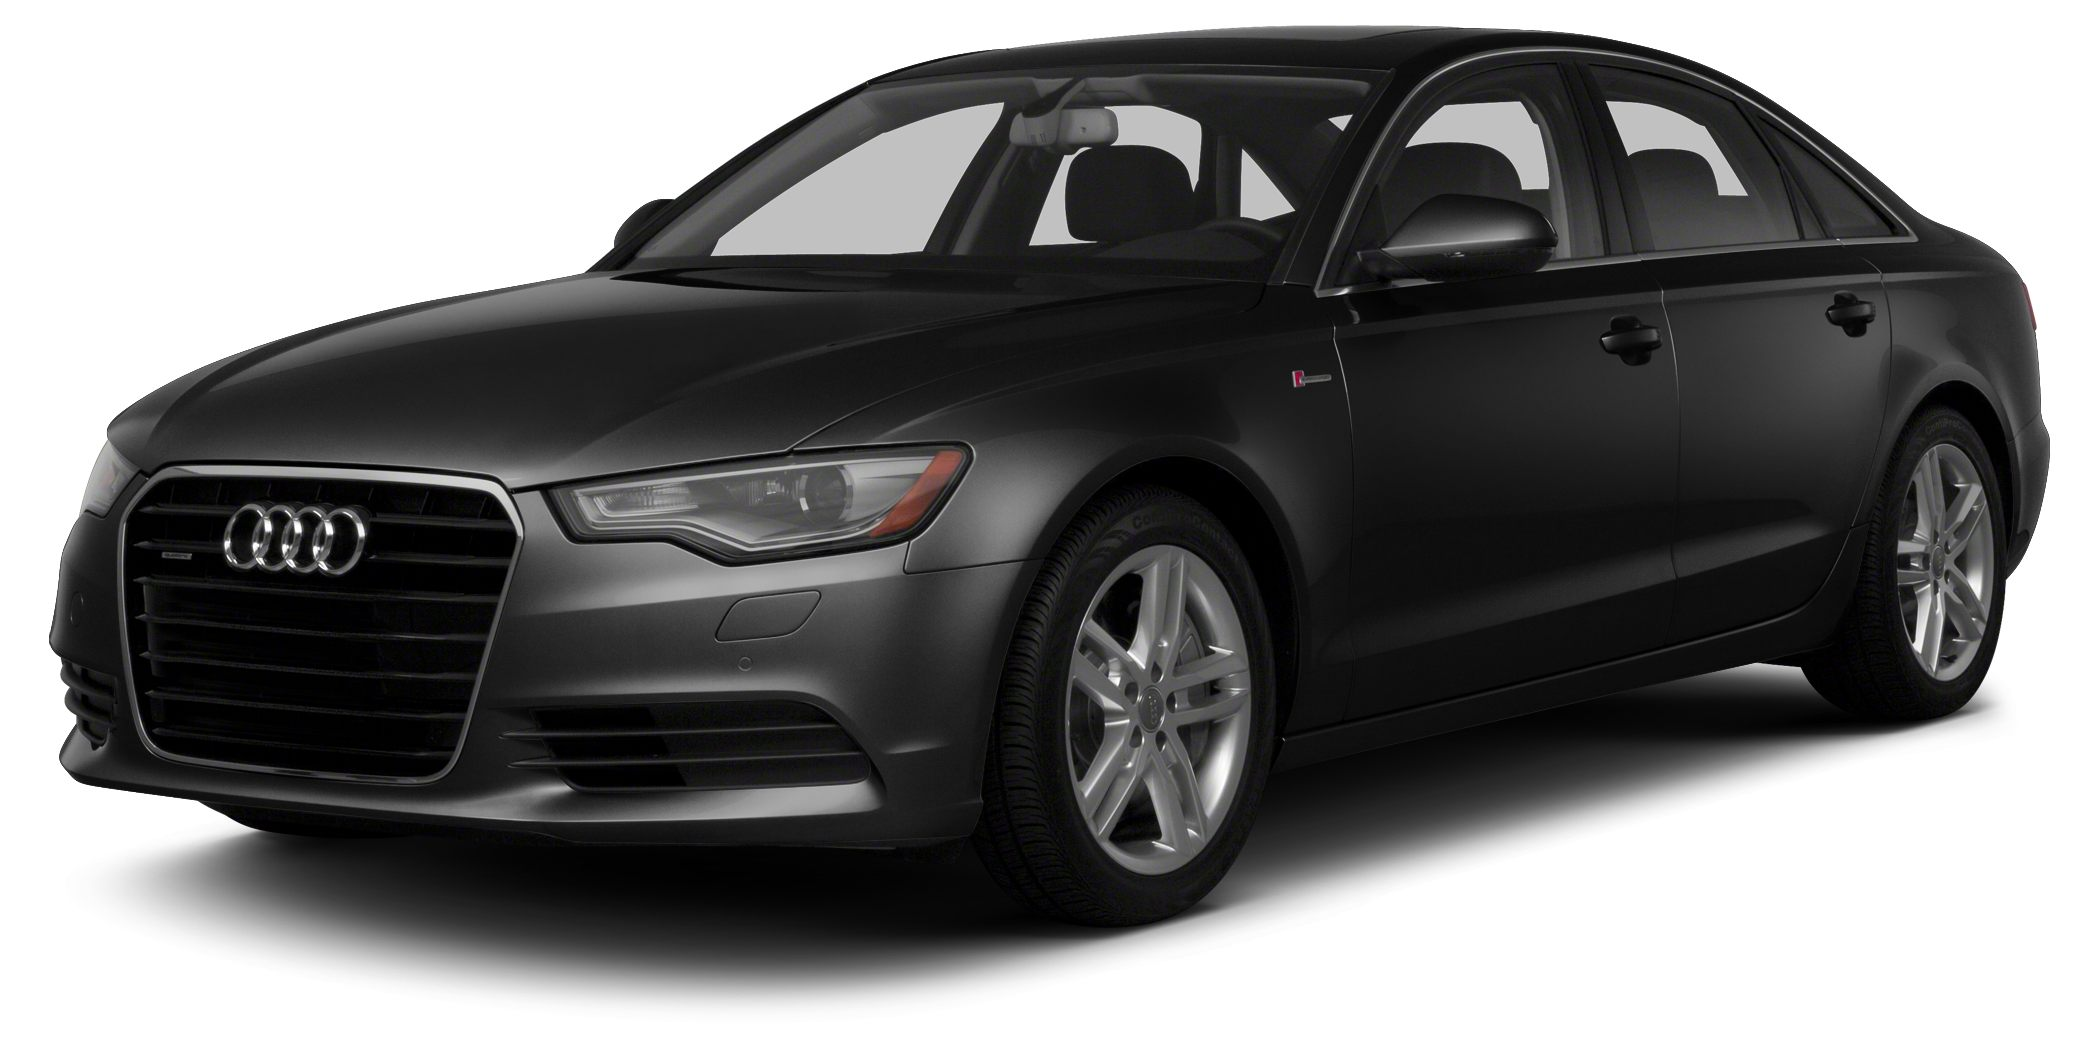 2014 Audi A6 20T quattro Premium Premium Plus Navigation Auto leveling headlight Backup Camera